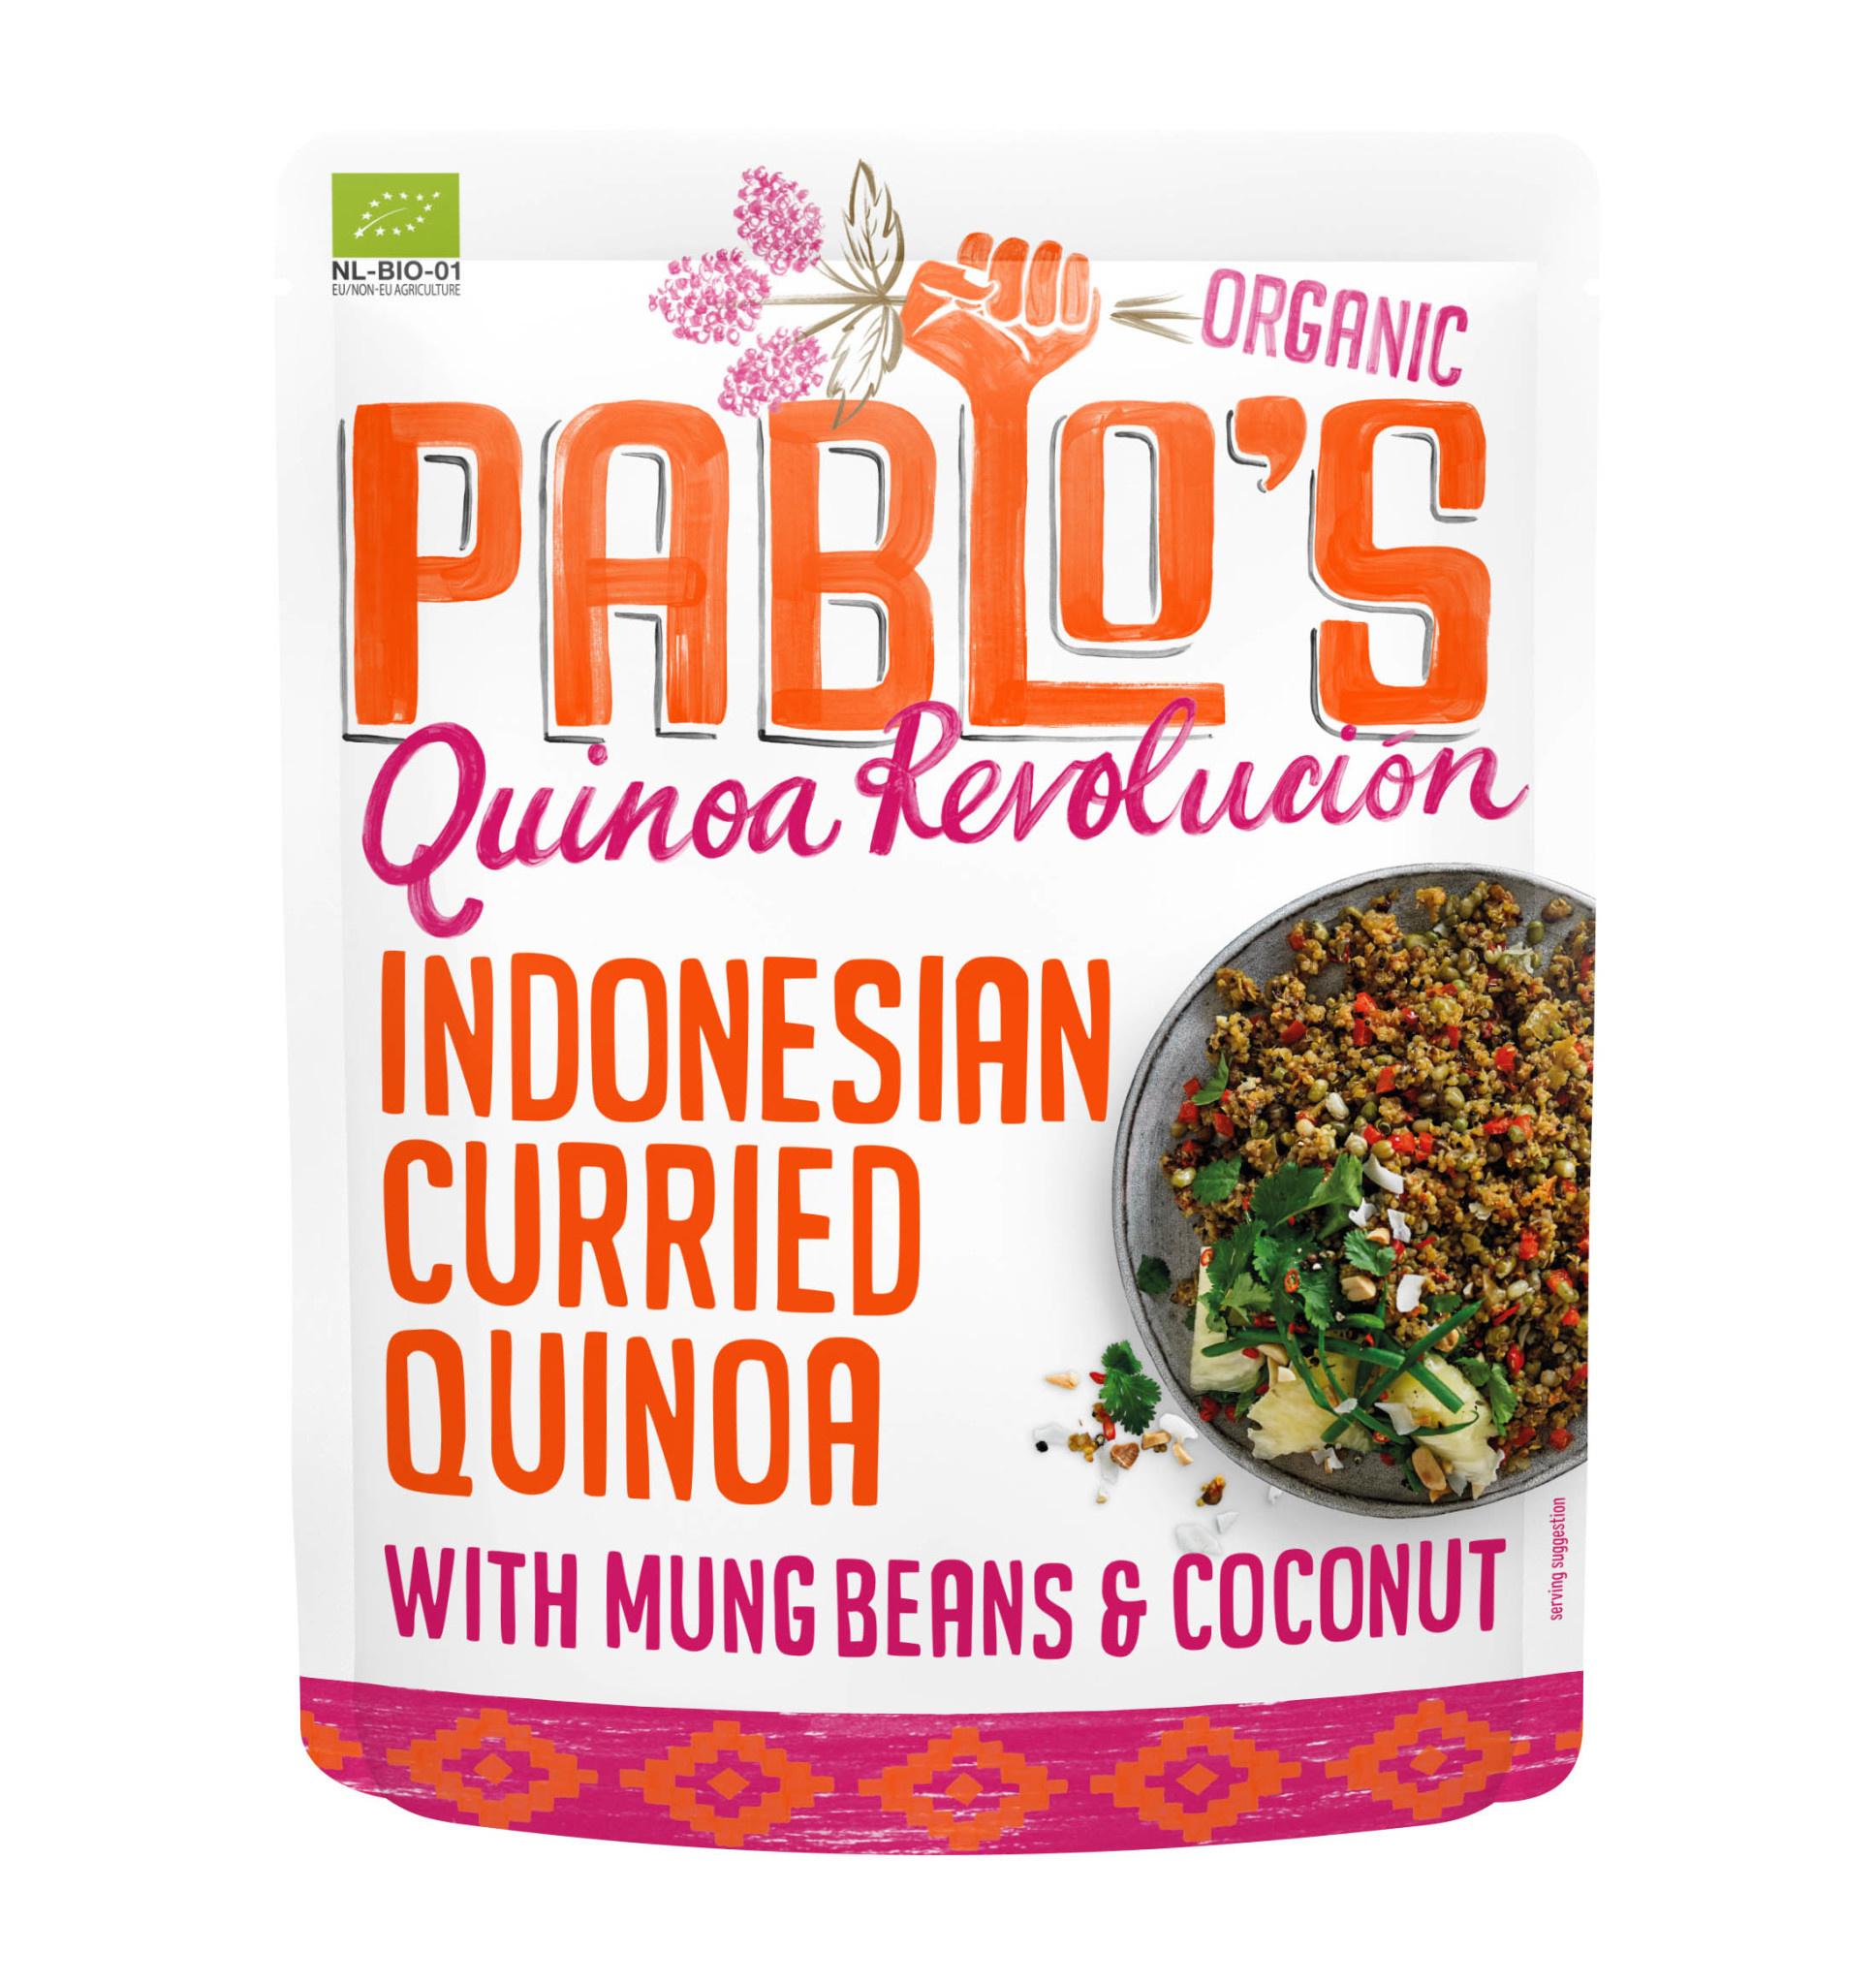 PABLO'S QUINOA PABLO'S QUINOA - Indonesian Curried Quinoa with Mung Beans & Coconut